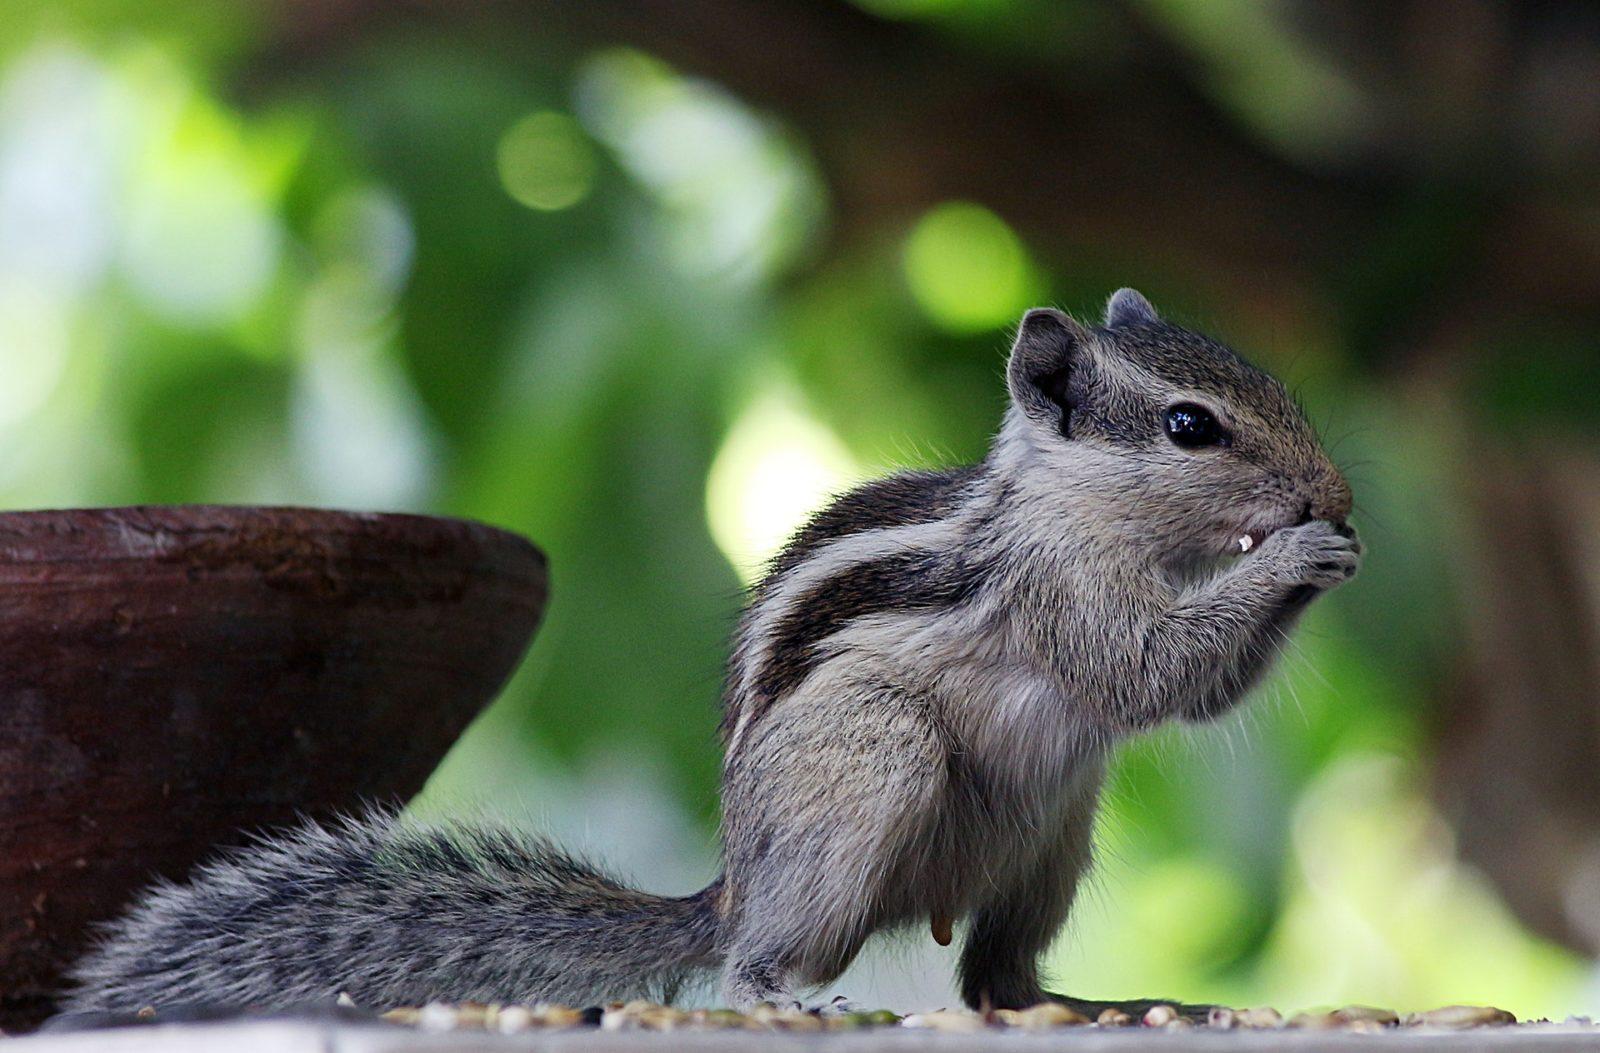 Sonhar com esquilo comendo uma noz é sinal de sorte.